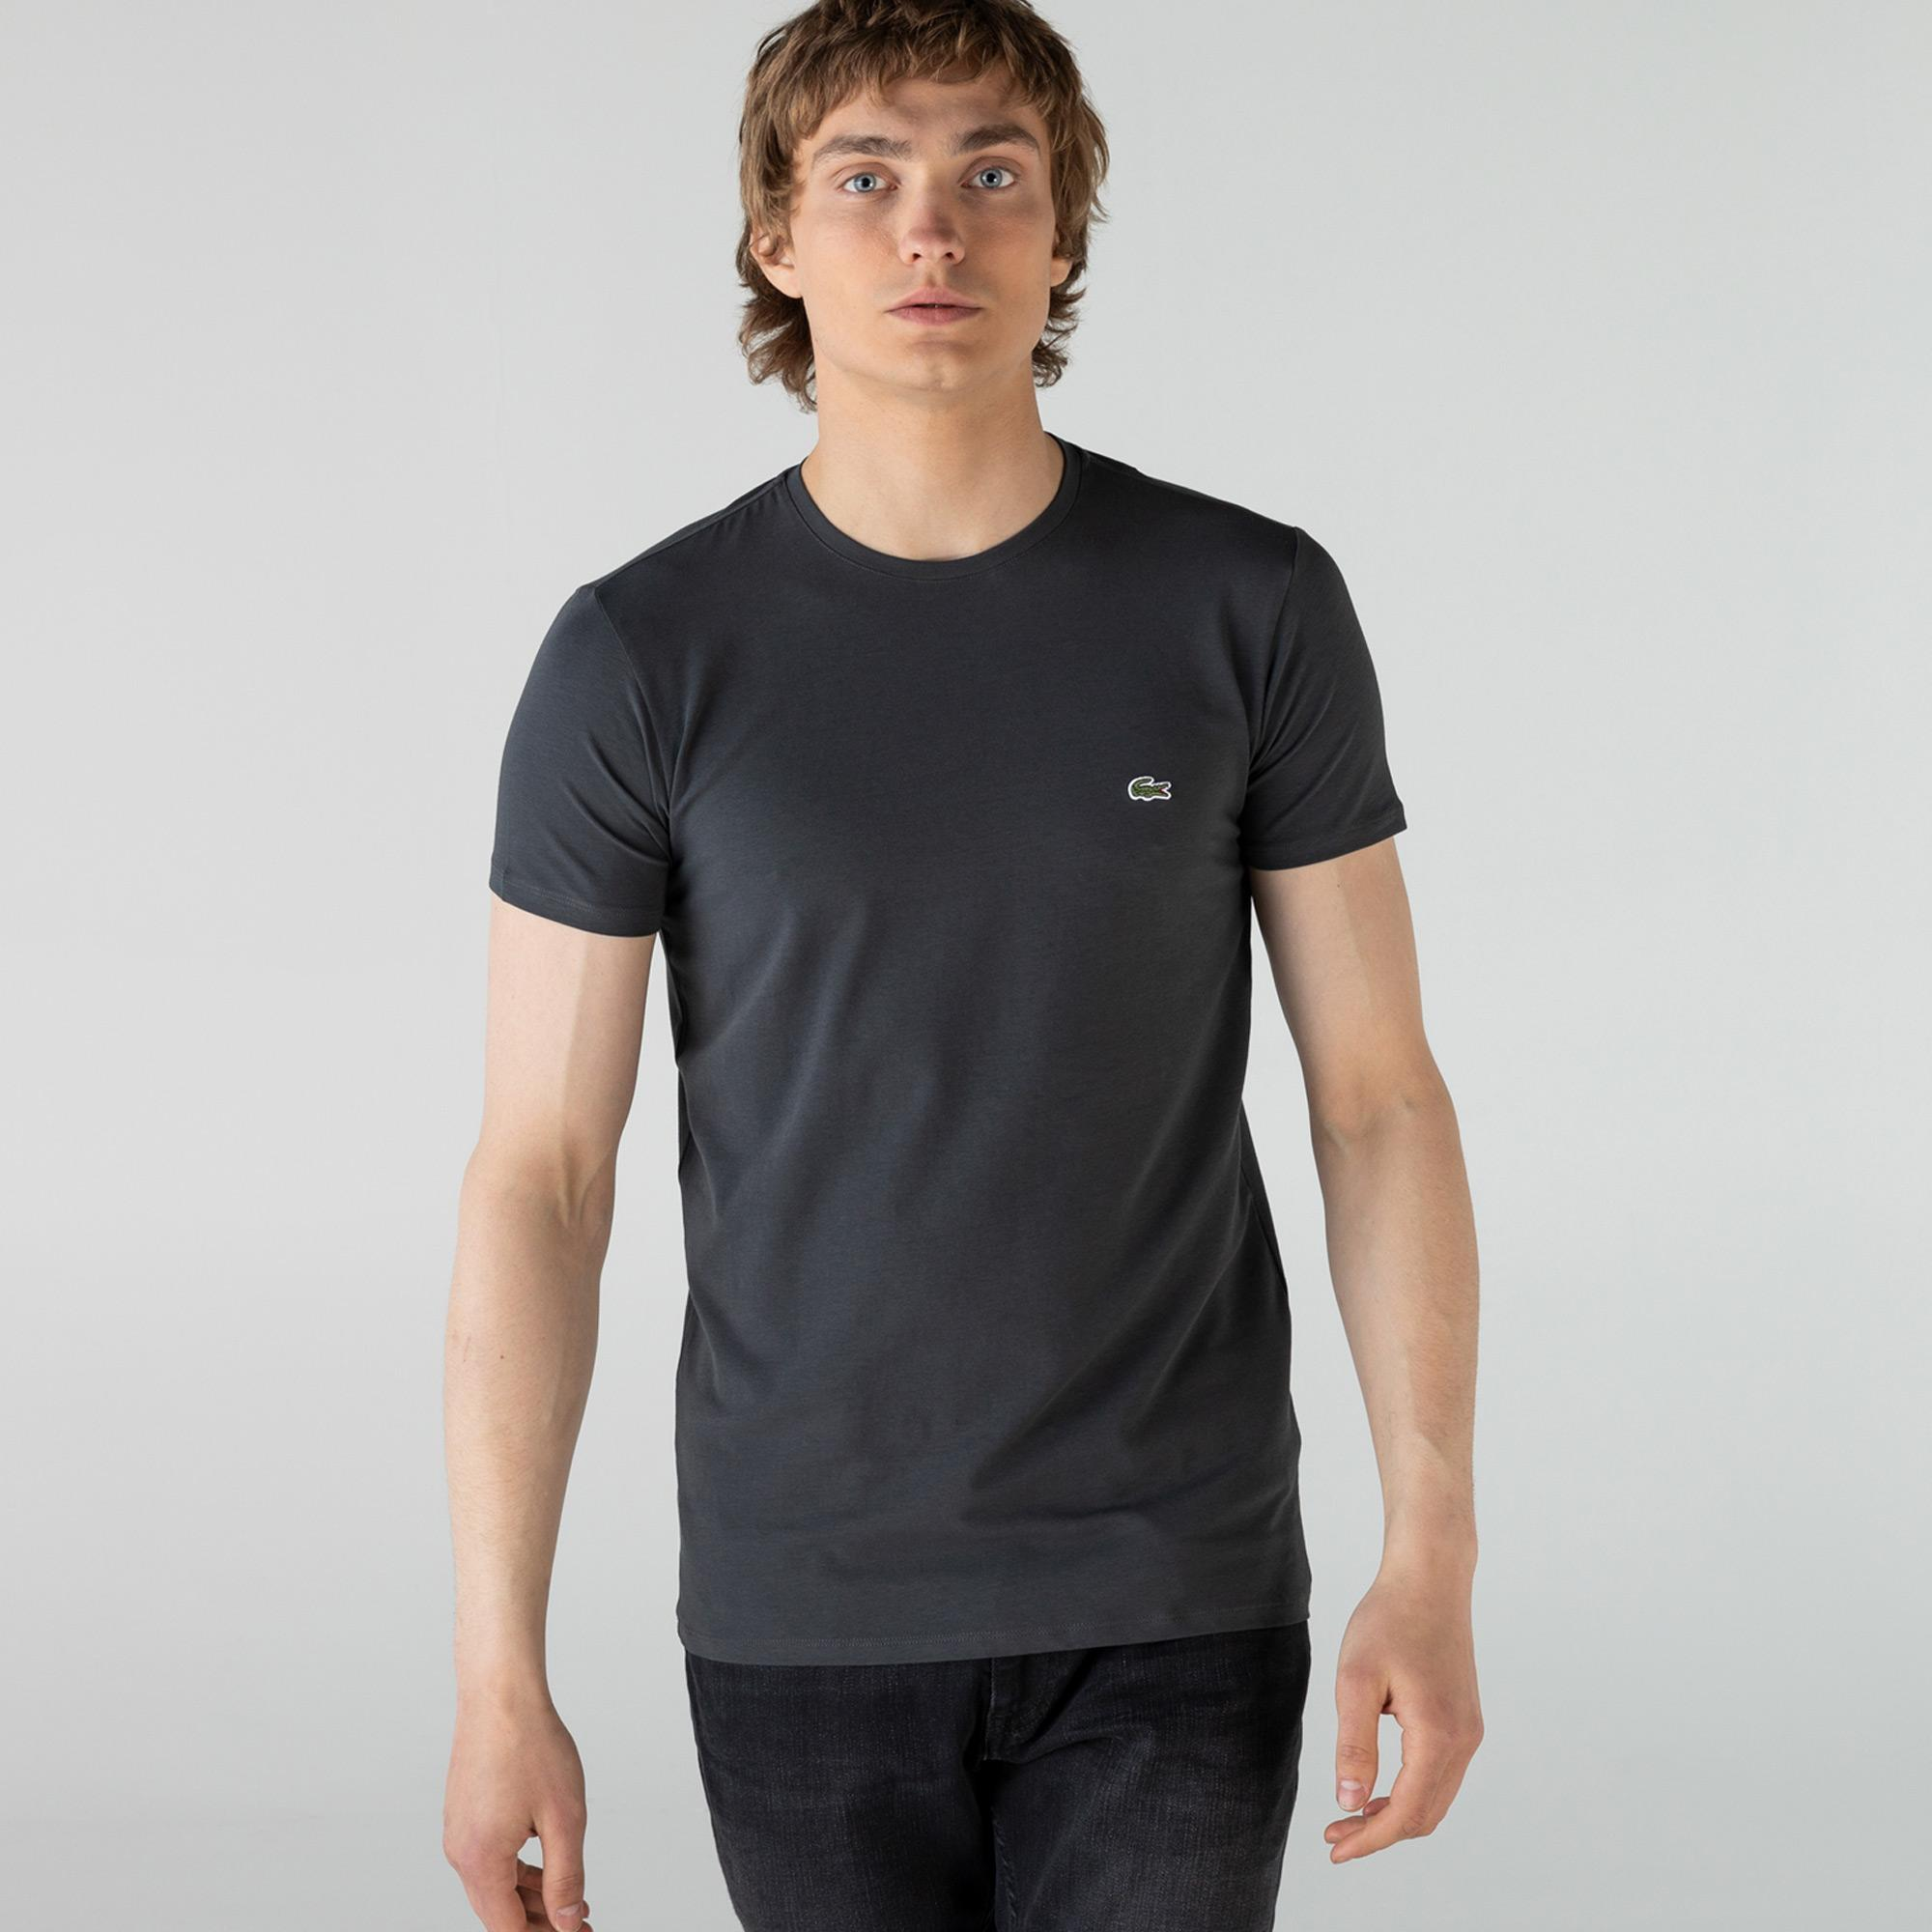 Lacoste Erkek Bisiklet Yaka Koyu Gri T-Shirt